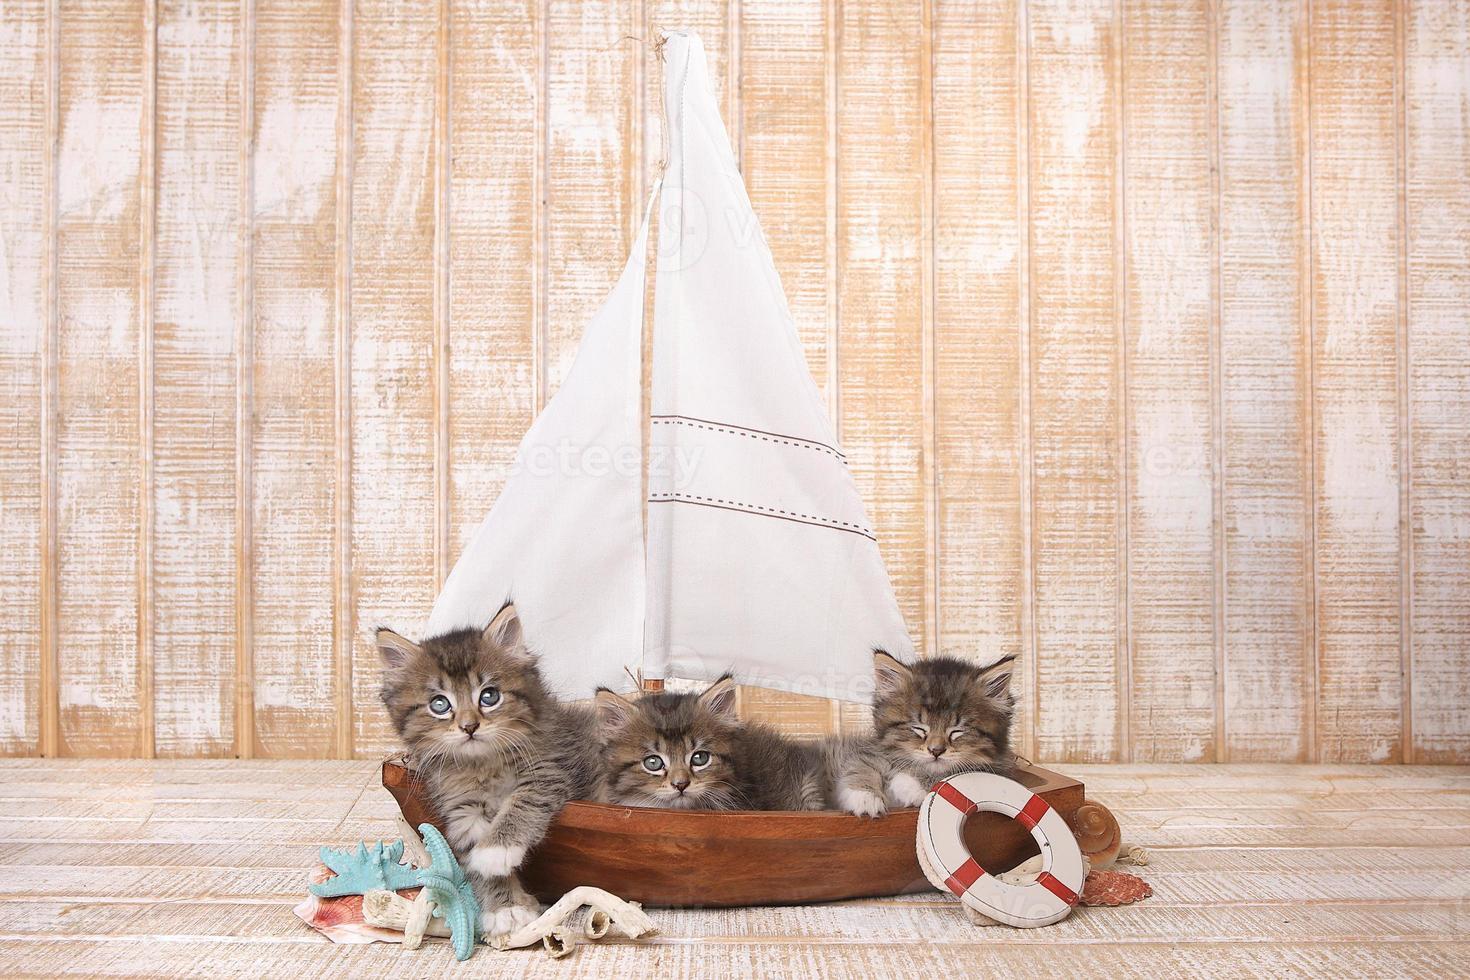 simpatici gattini in una barca a vela con tema oceano foto